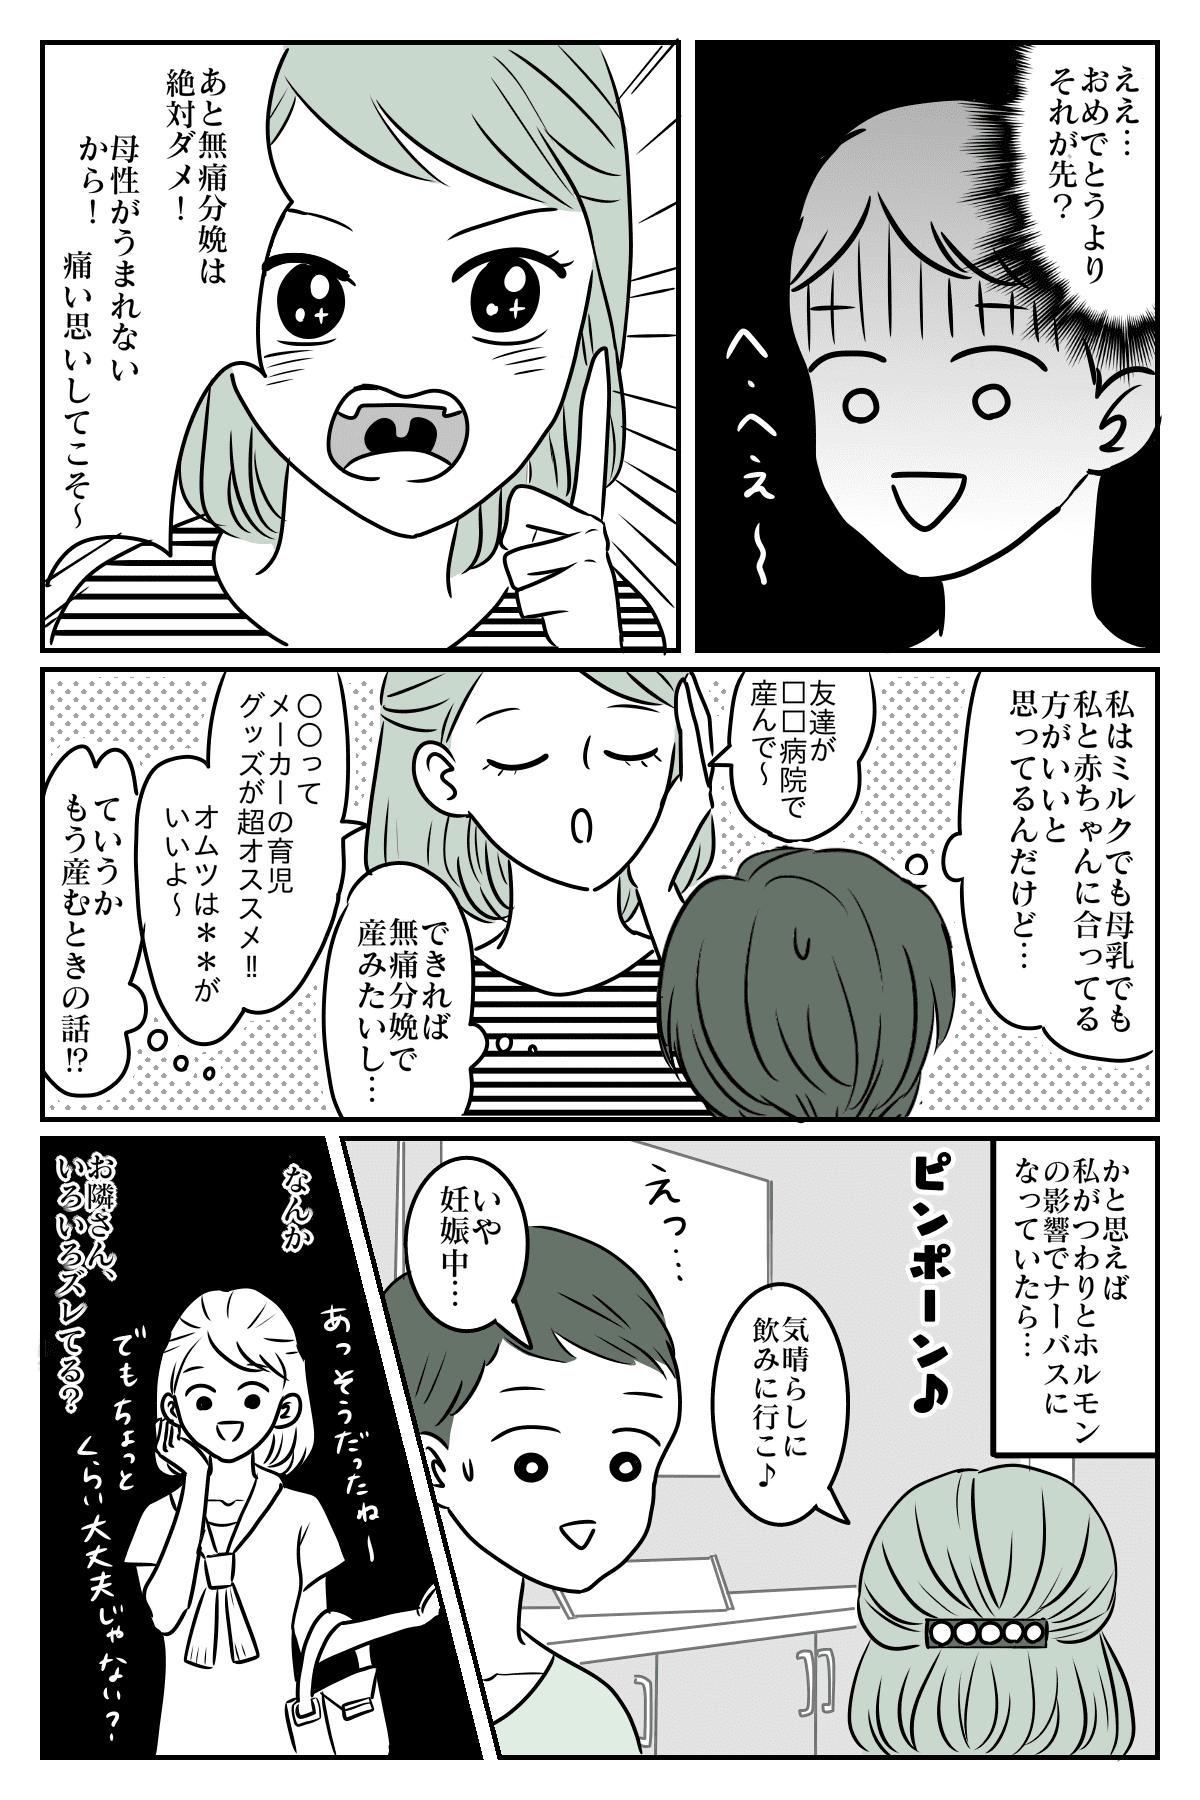 ご近所ママとのお付き合いって難しい!02